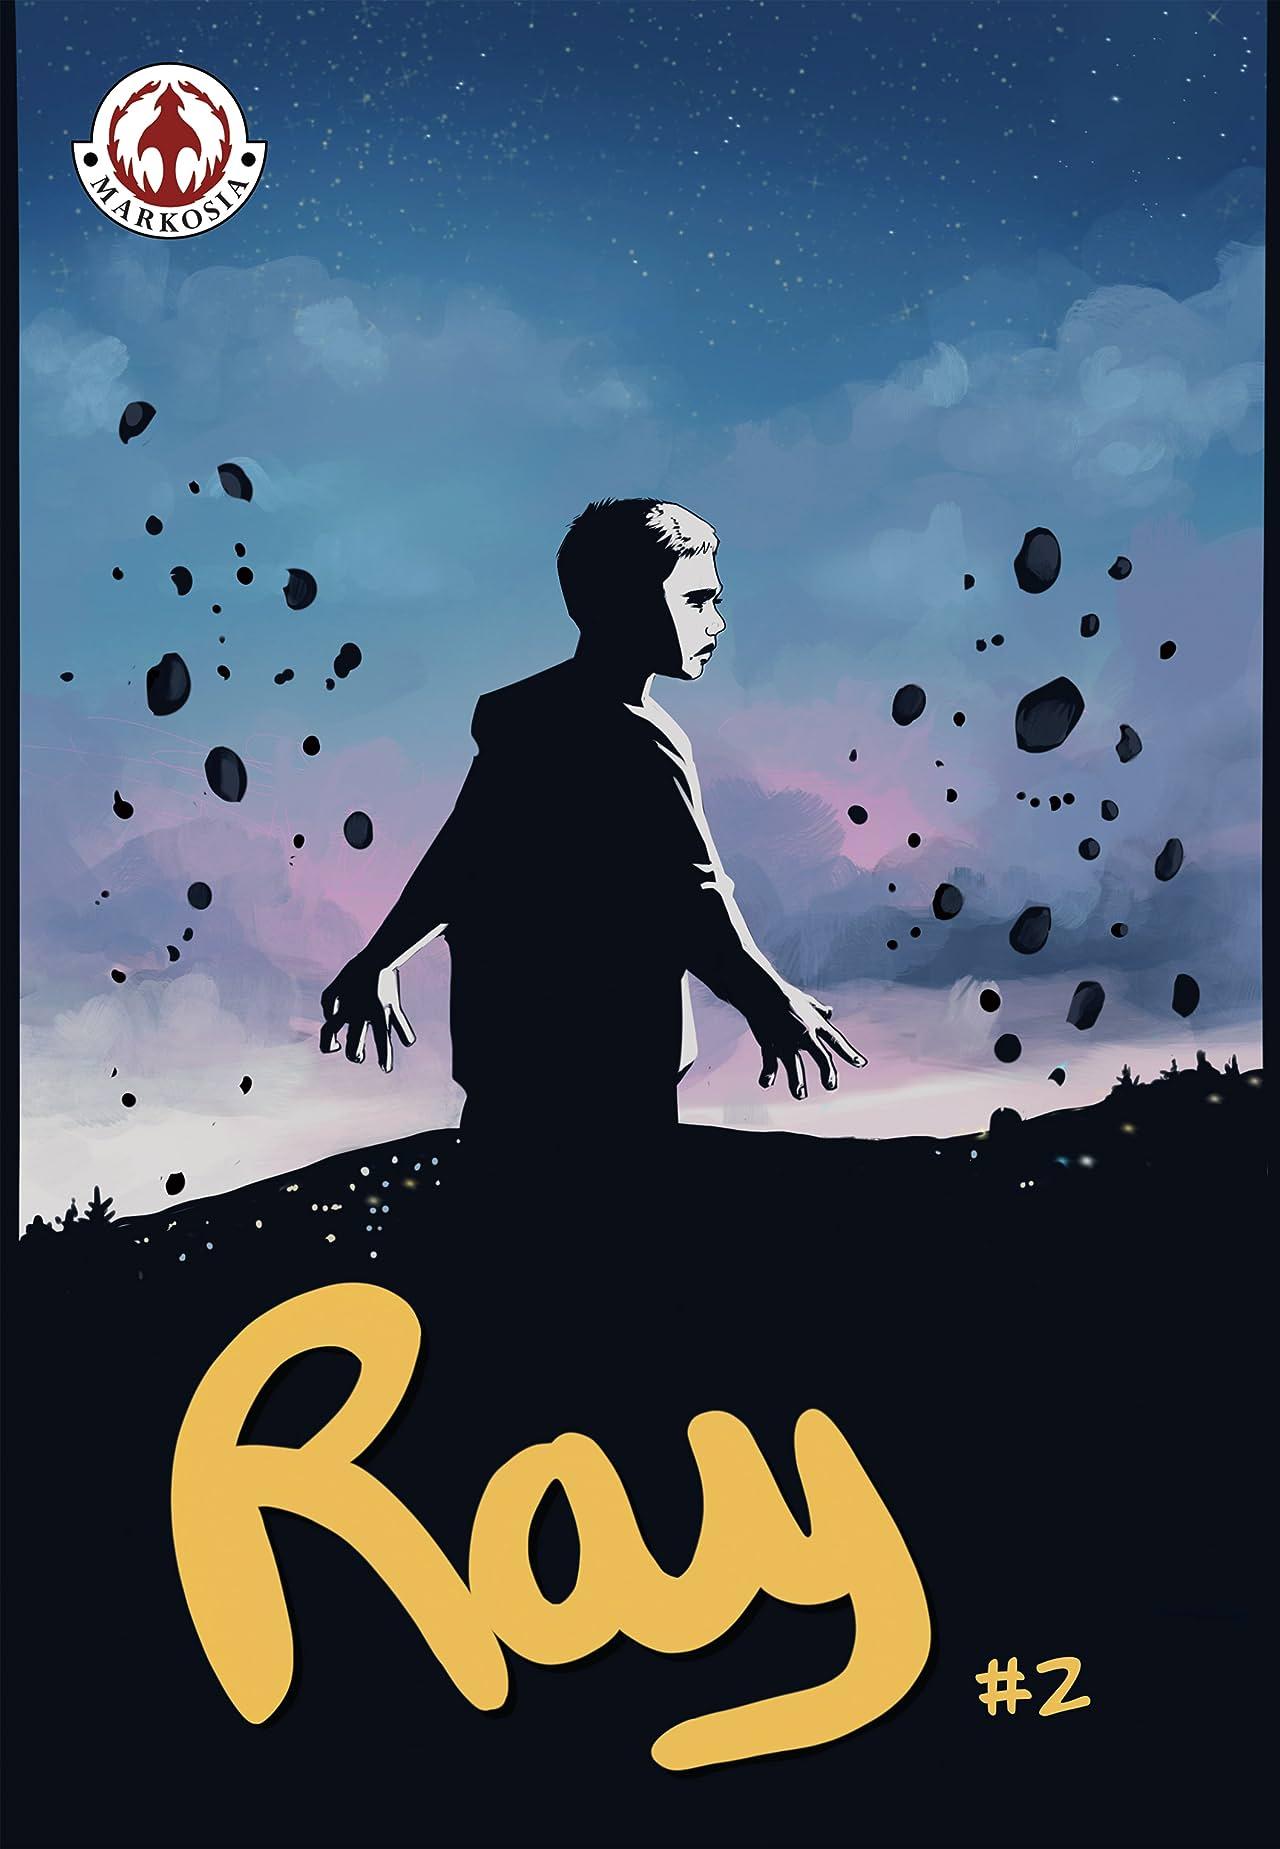 Ray #2